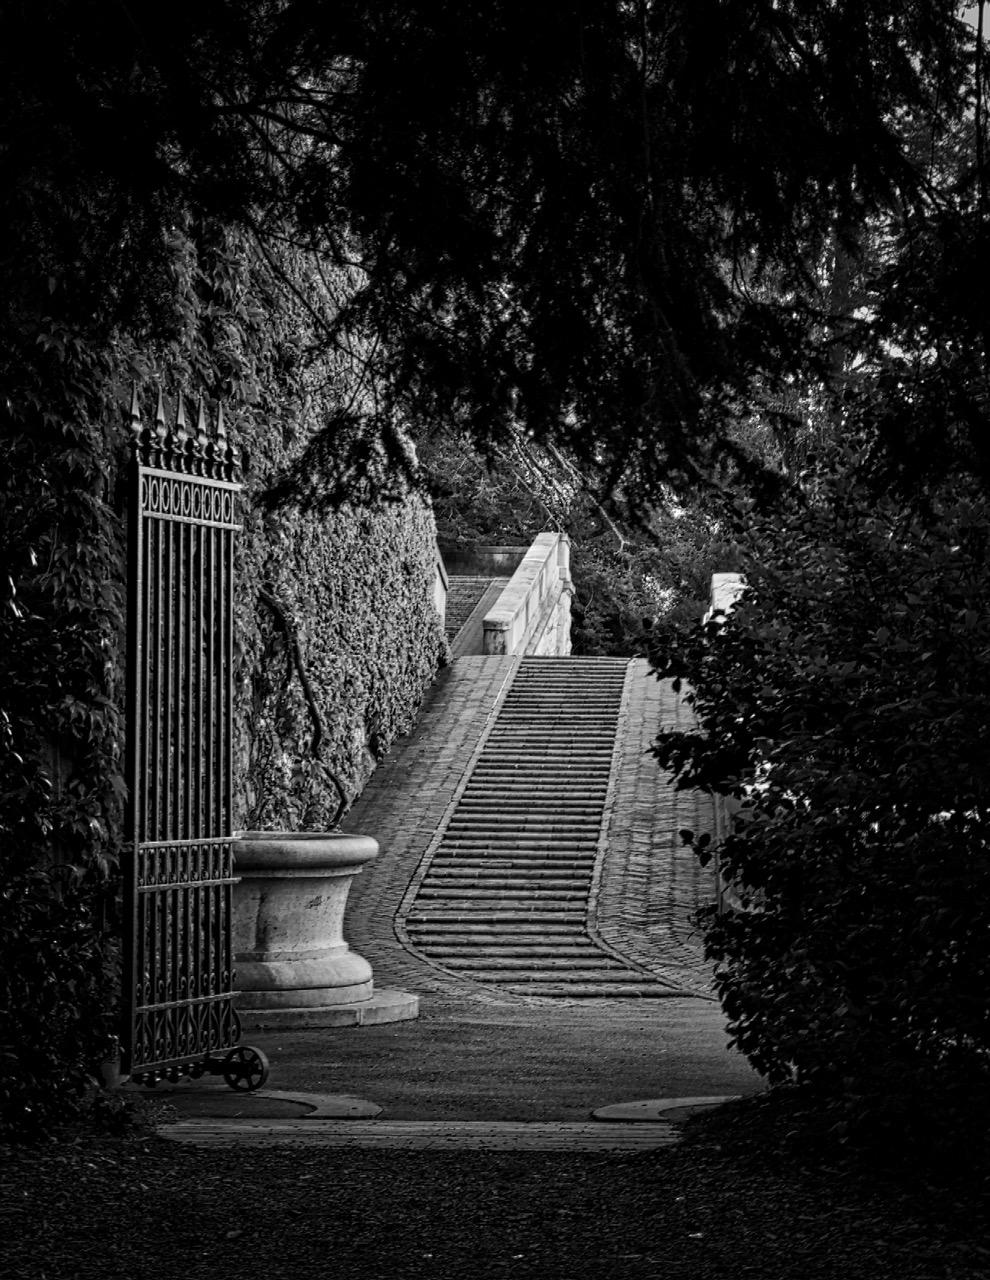 Black & White of the entranceway